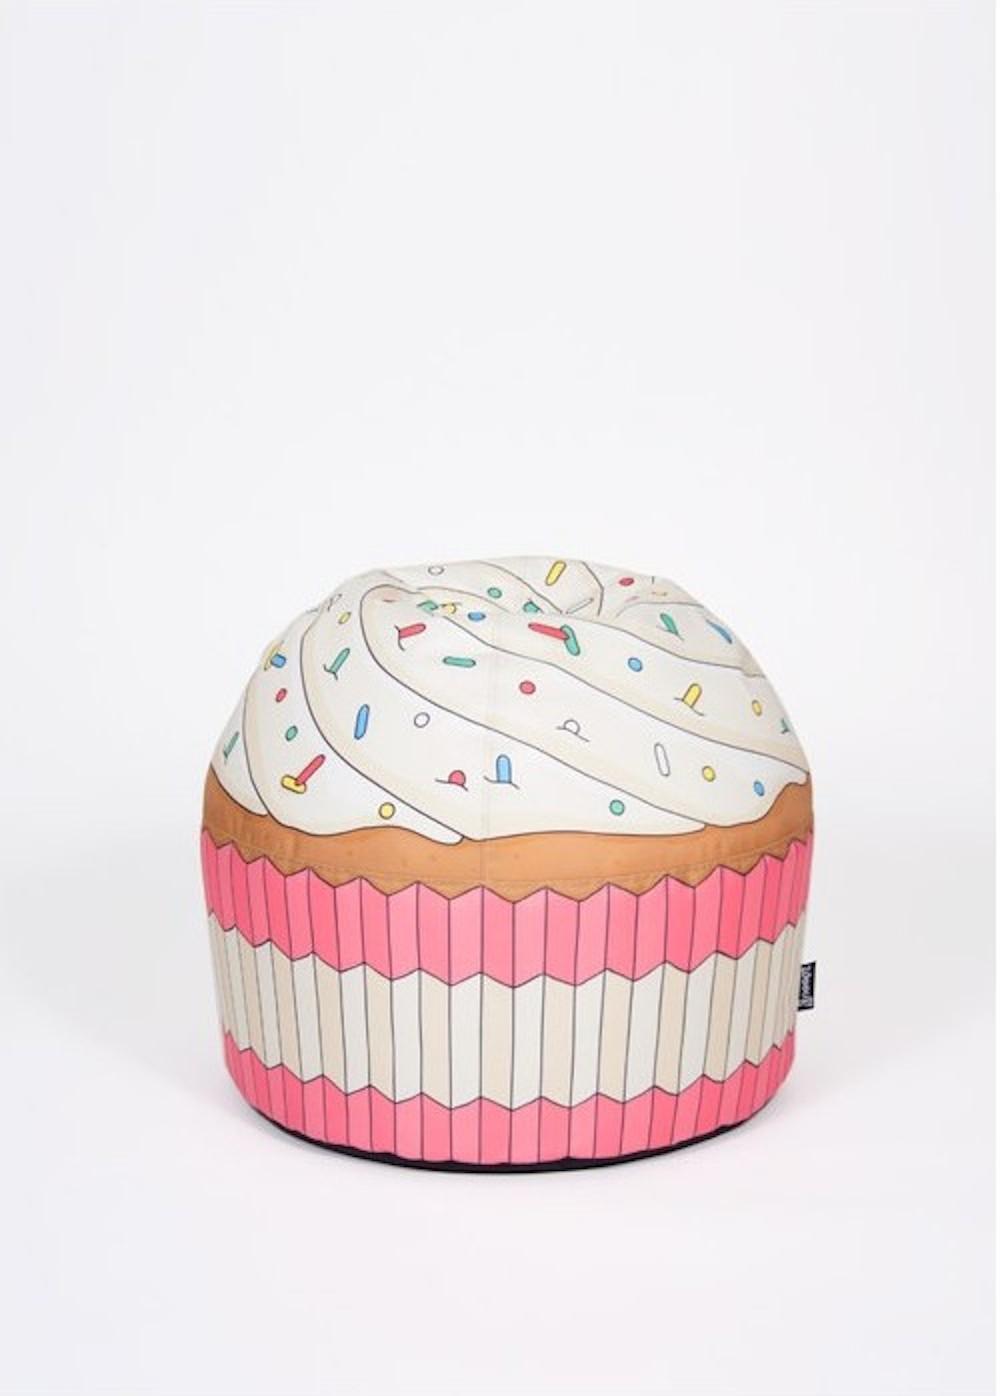 woouf_cupcake-pink-bean-bag